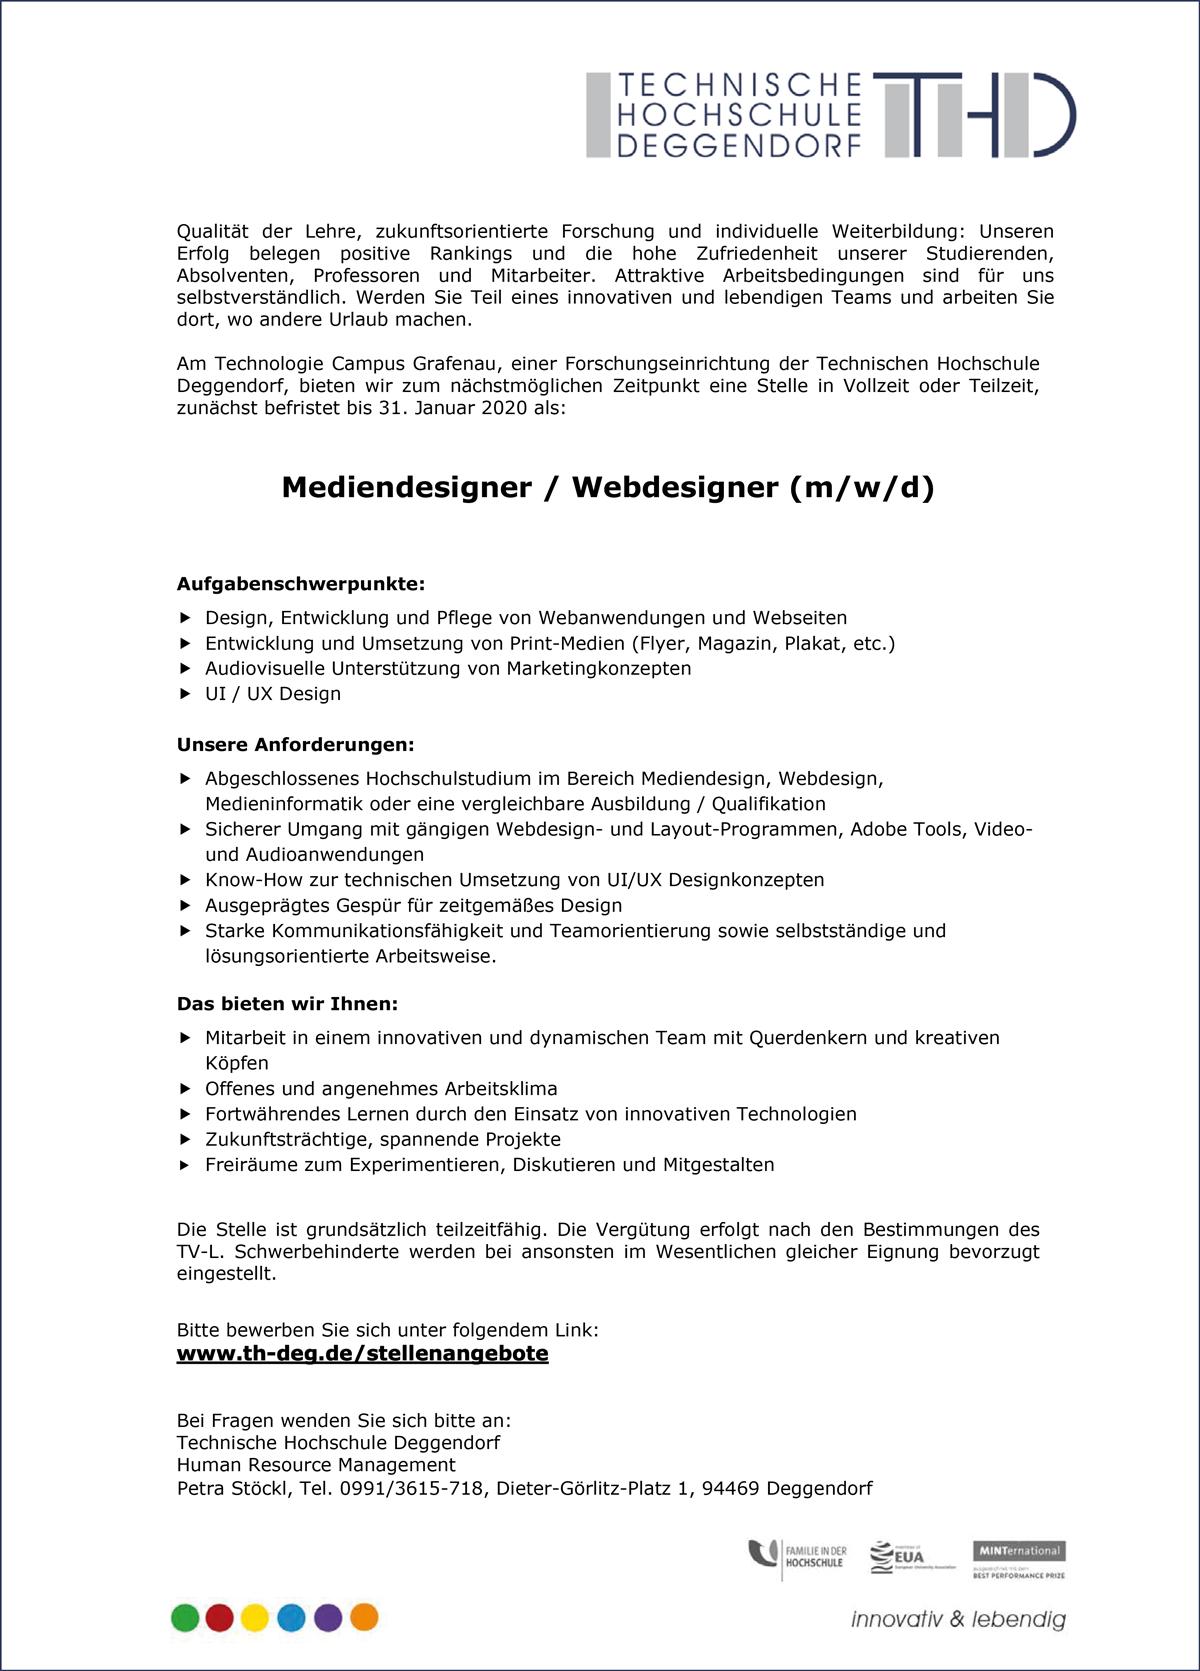 Mediendesigner / Webdesigner m/w/d  am Technologie Campus Grafenau - THD-Technische Hochschule Deggendorf - in Deggendorf - stellenecho.de